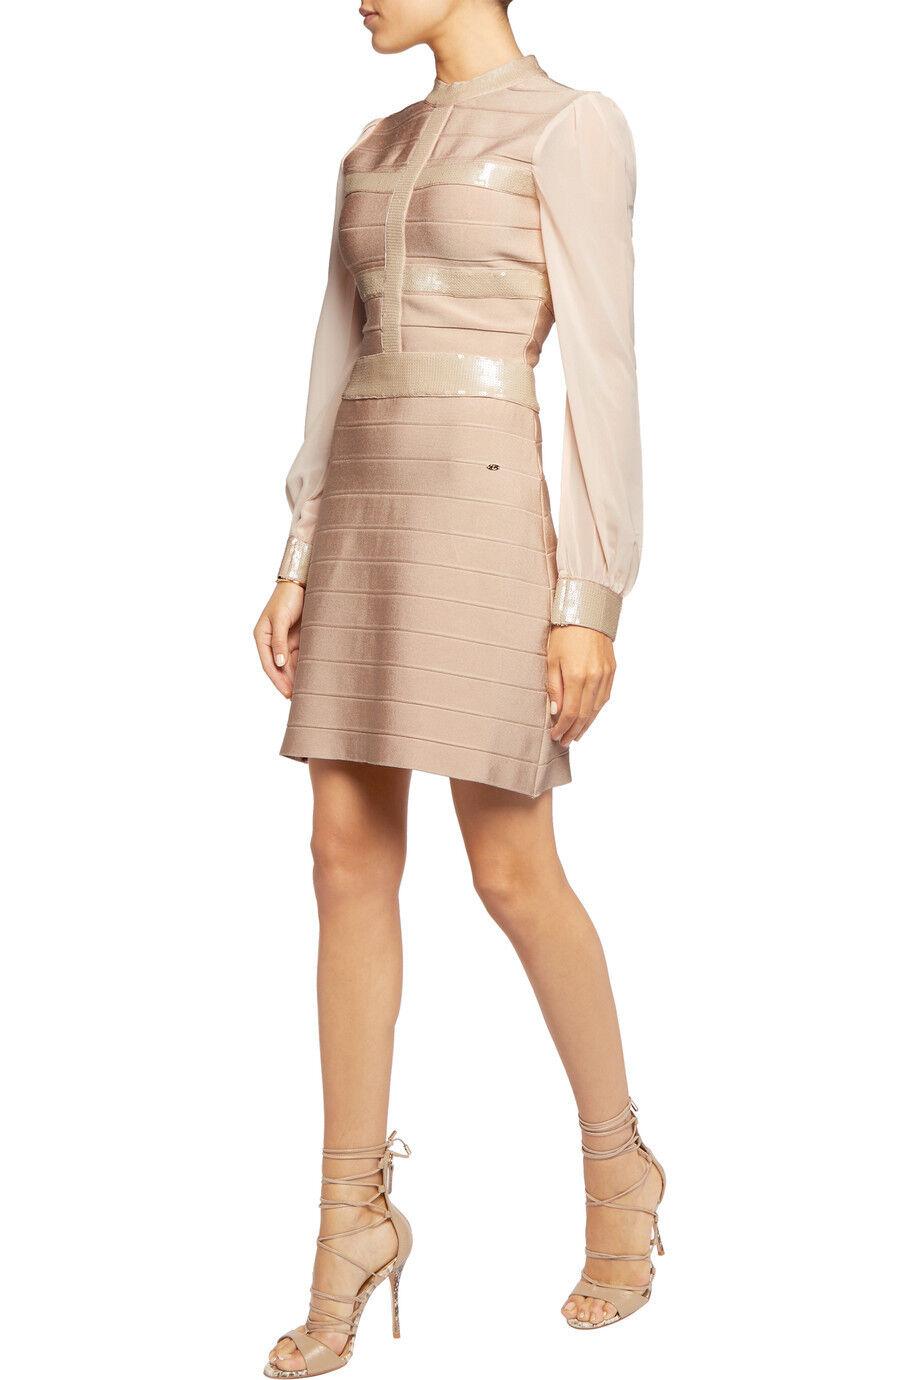 Mini vestido sólo Cavalli  embellecido con lentejuelas con Vendaje nude talla pequeña  barato